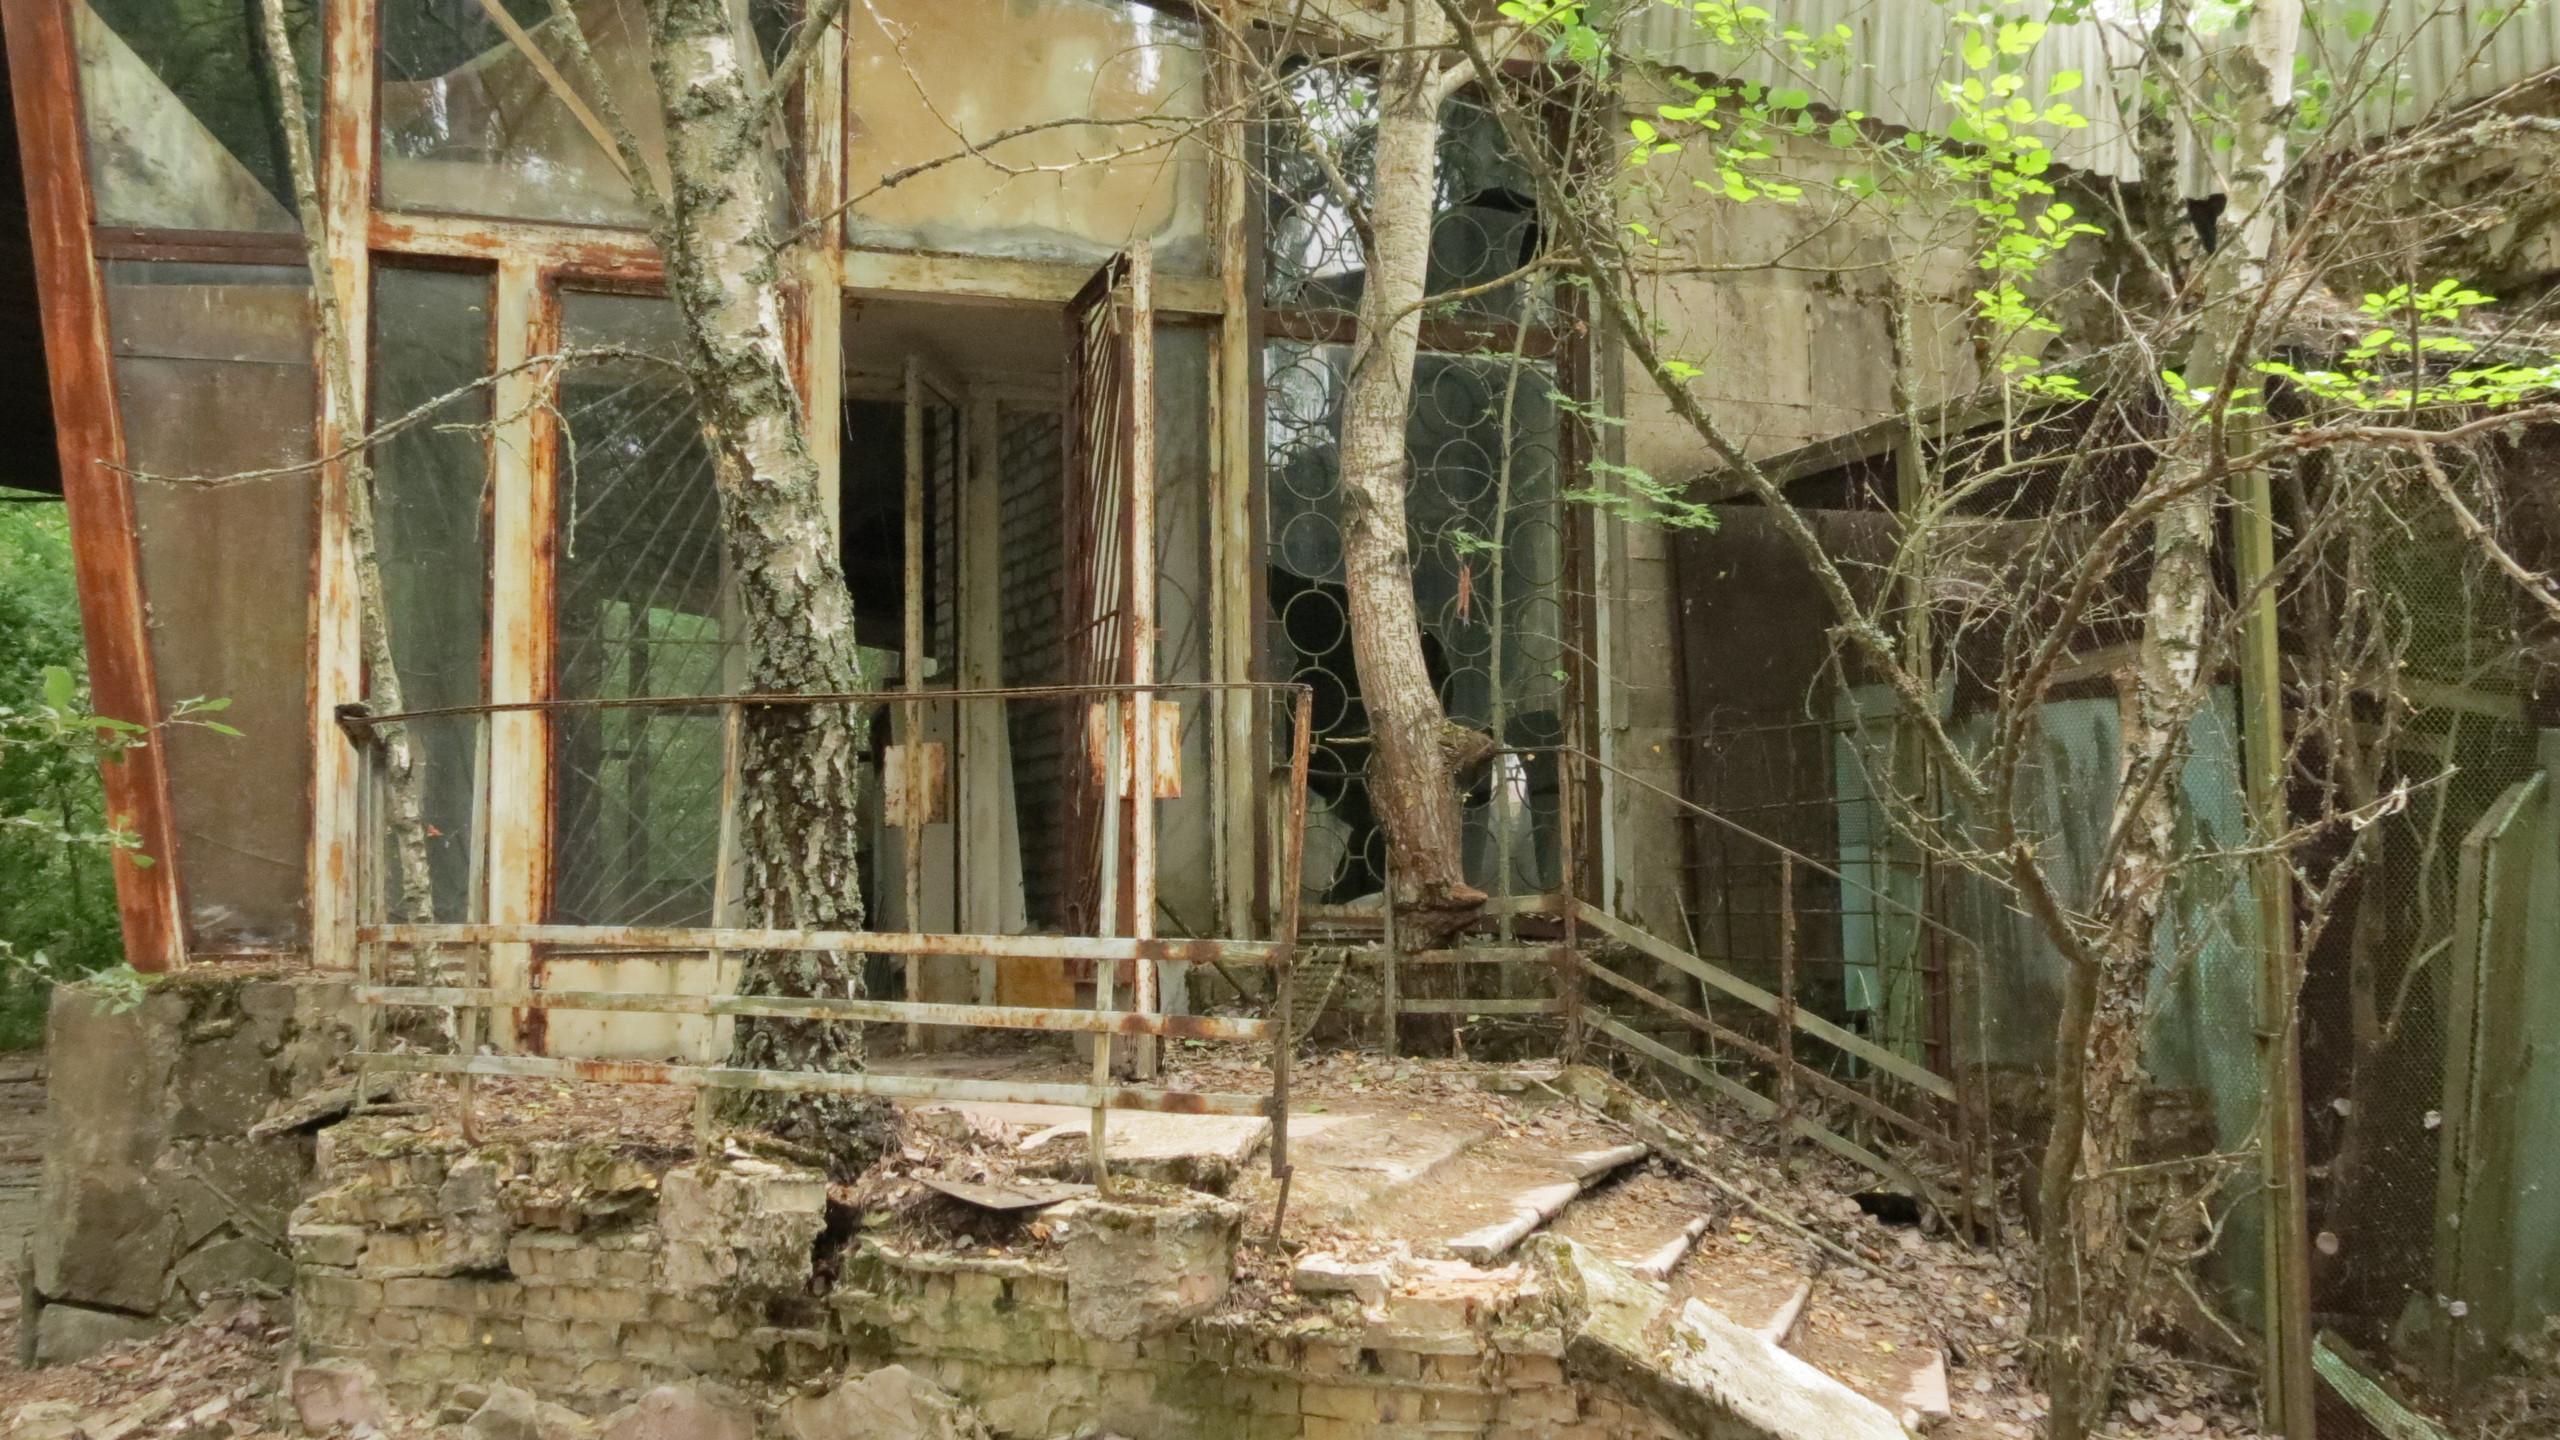 320 - Chernobyl